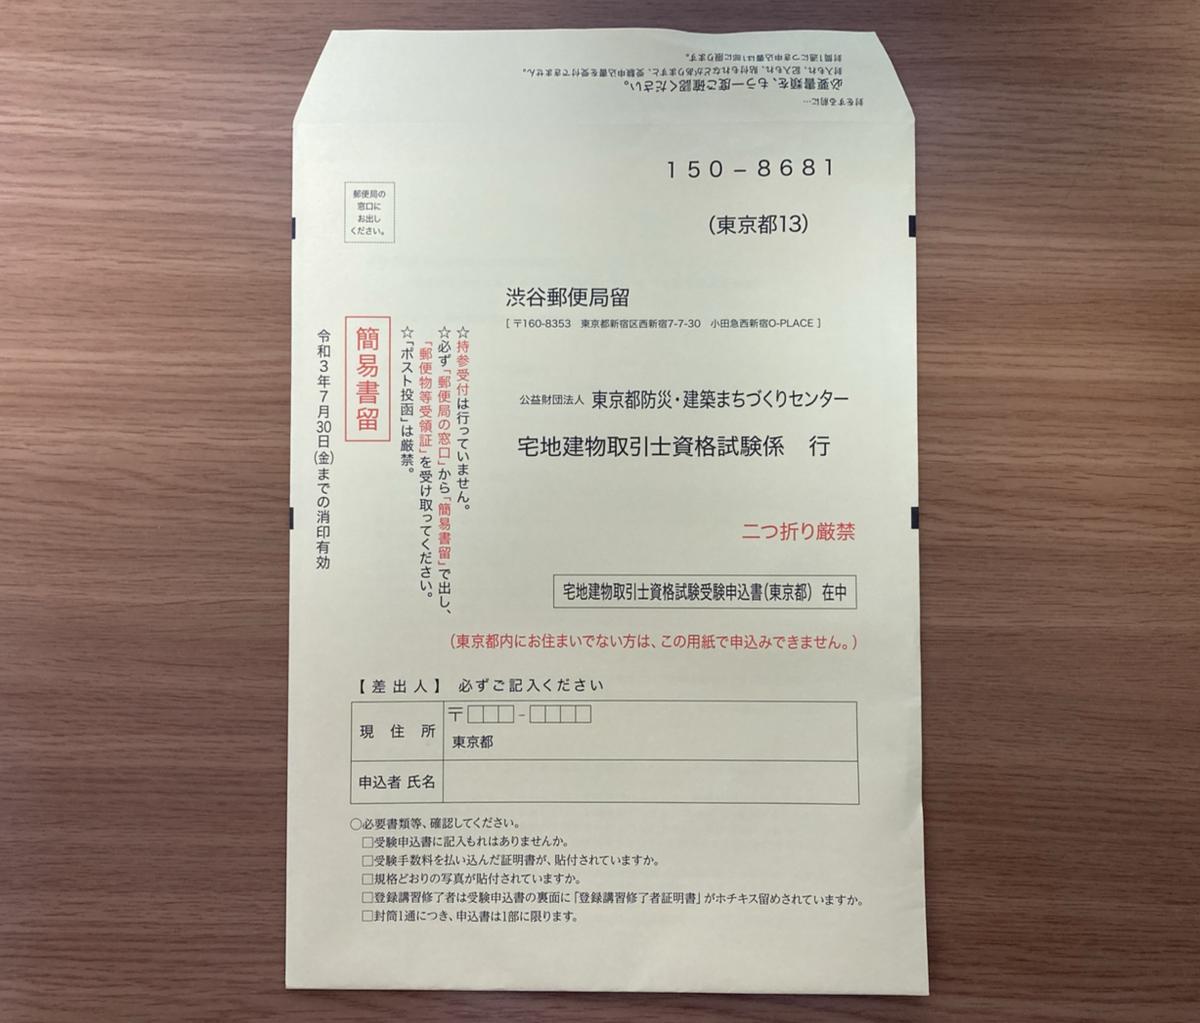 2021年度宅建試験案内封筒画像(東京都)